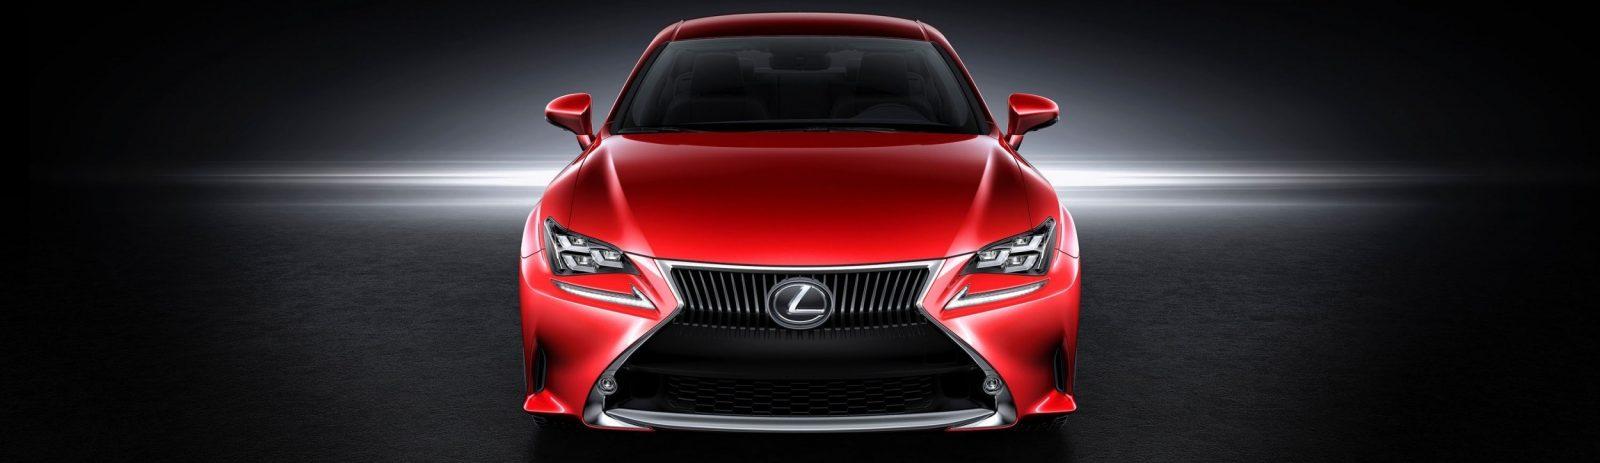 Lexus_RC_350_009